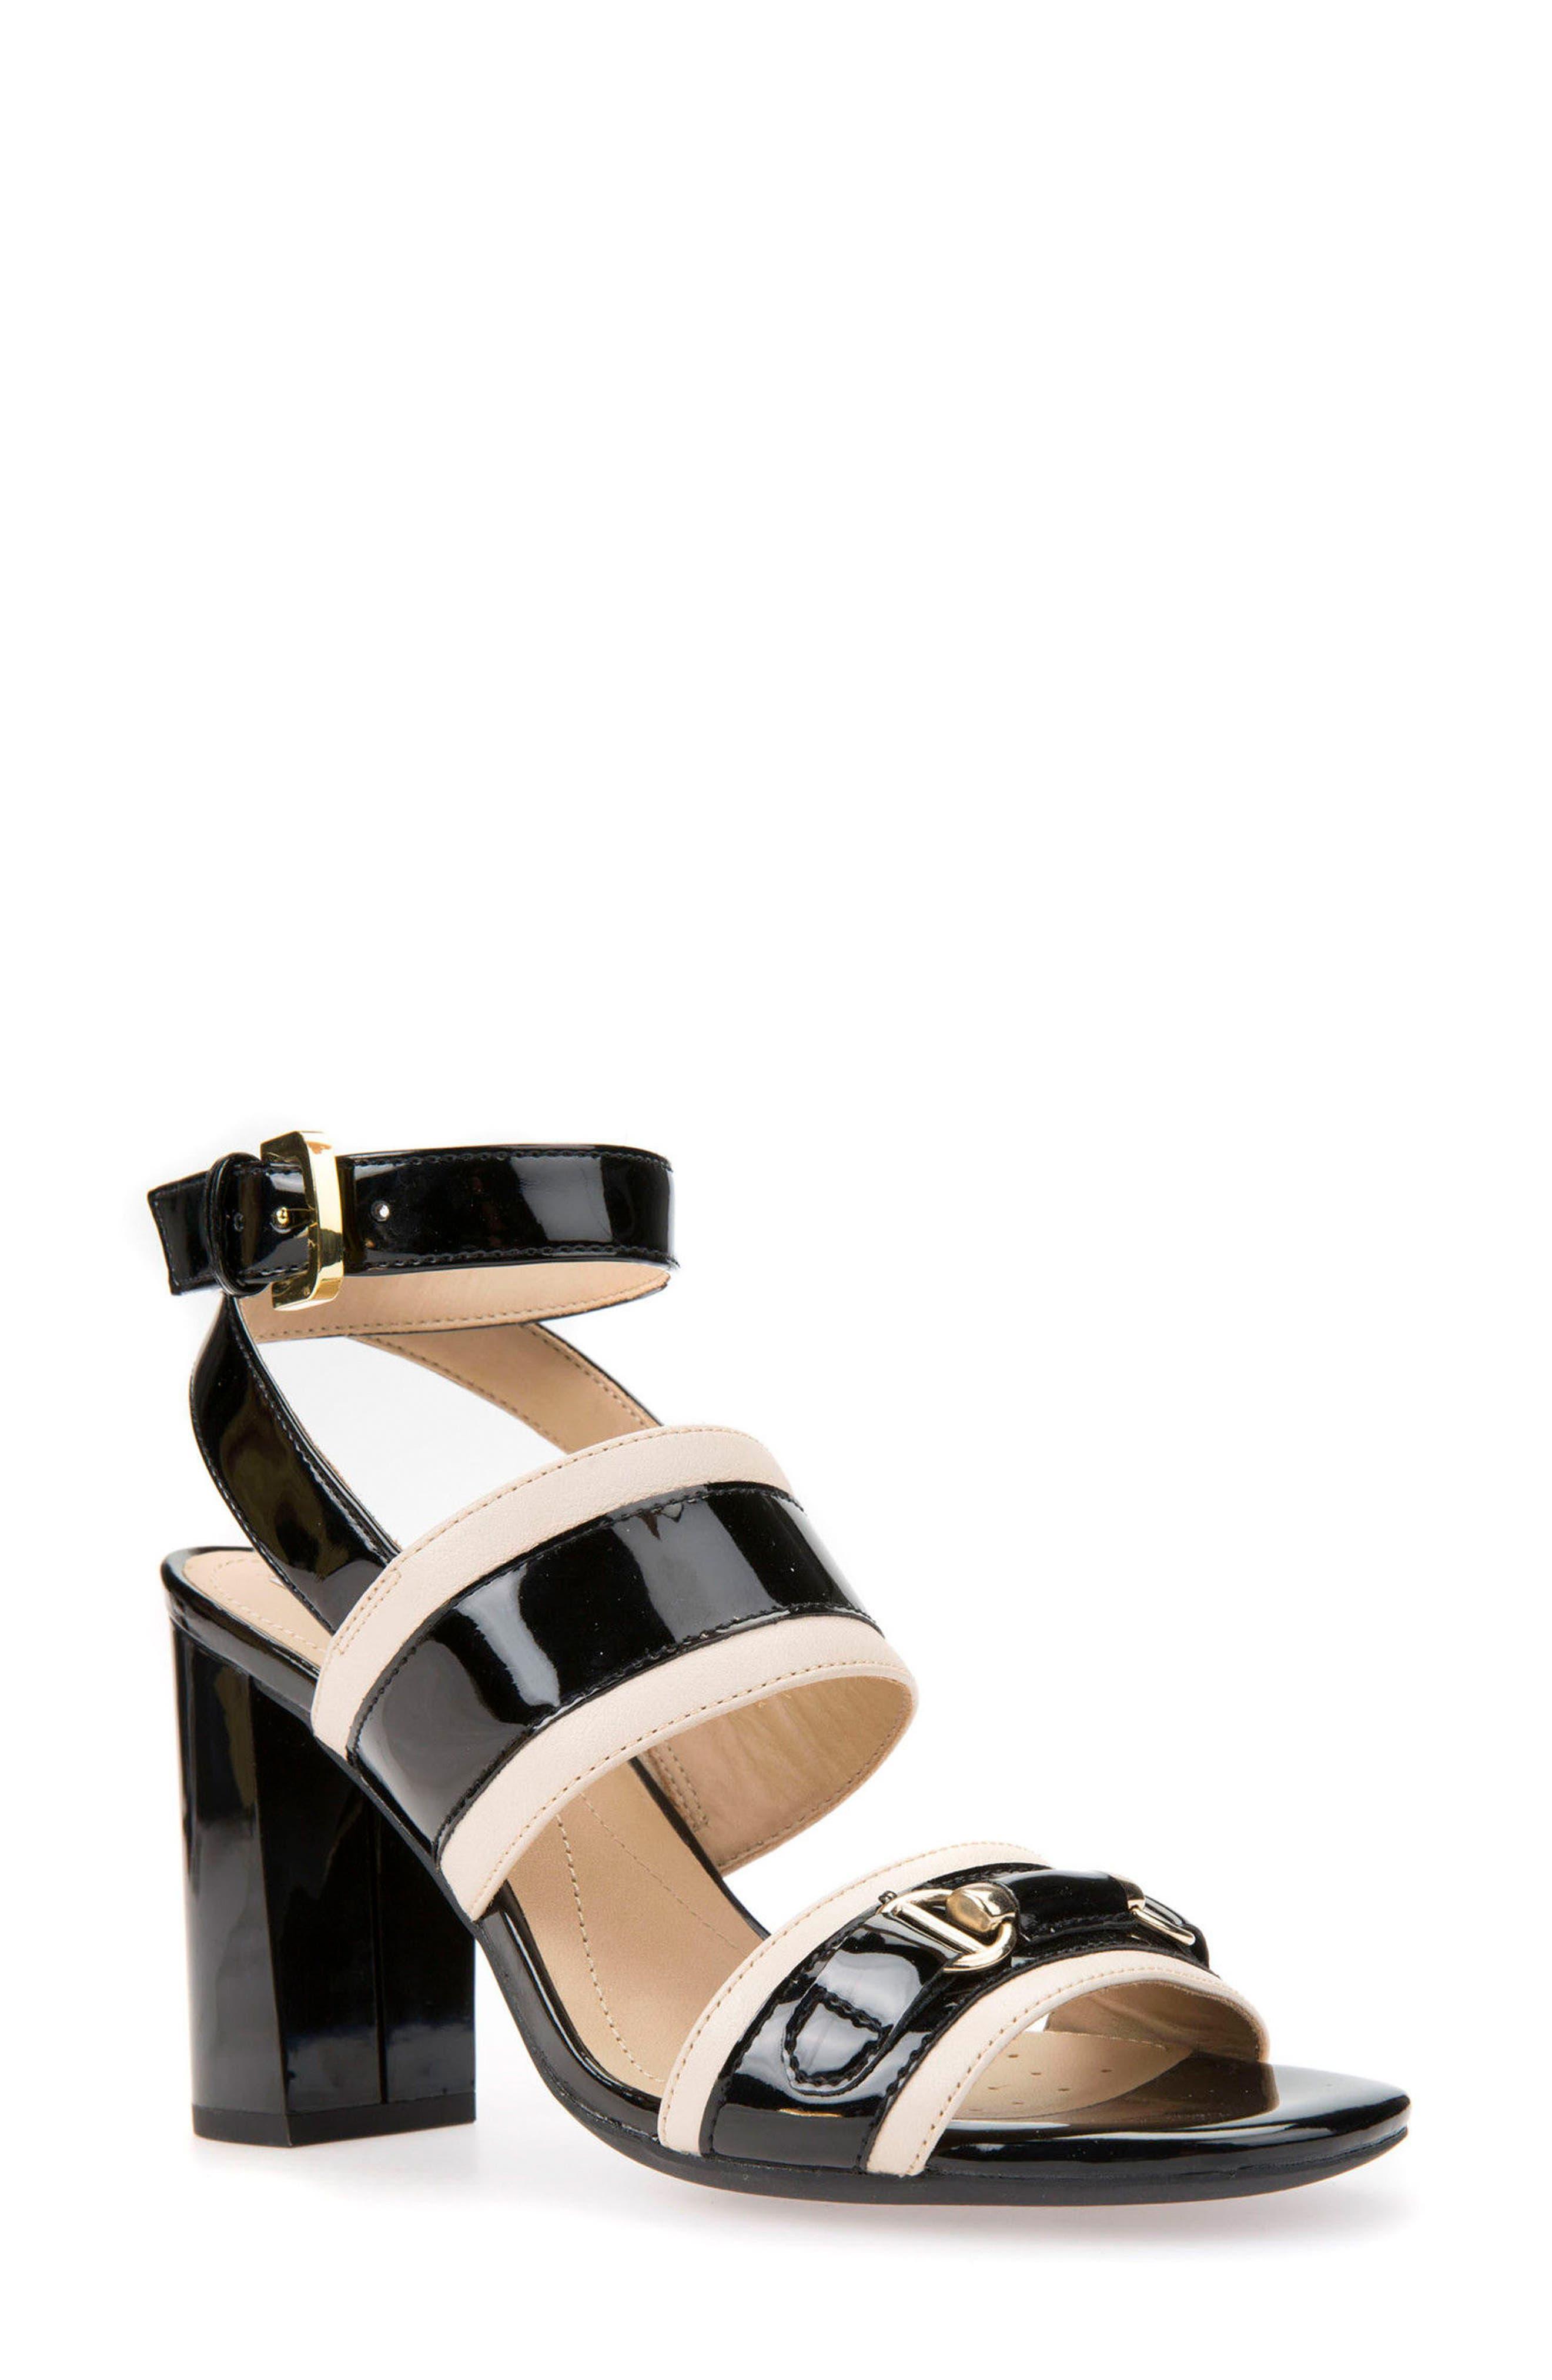 Audalie 6 Sandal,                             Main thumbnail 1, color,                             Black Leather